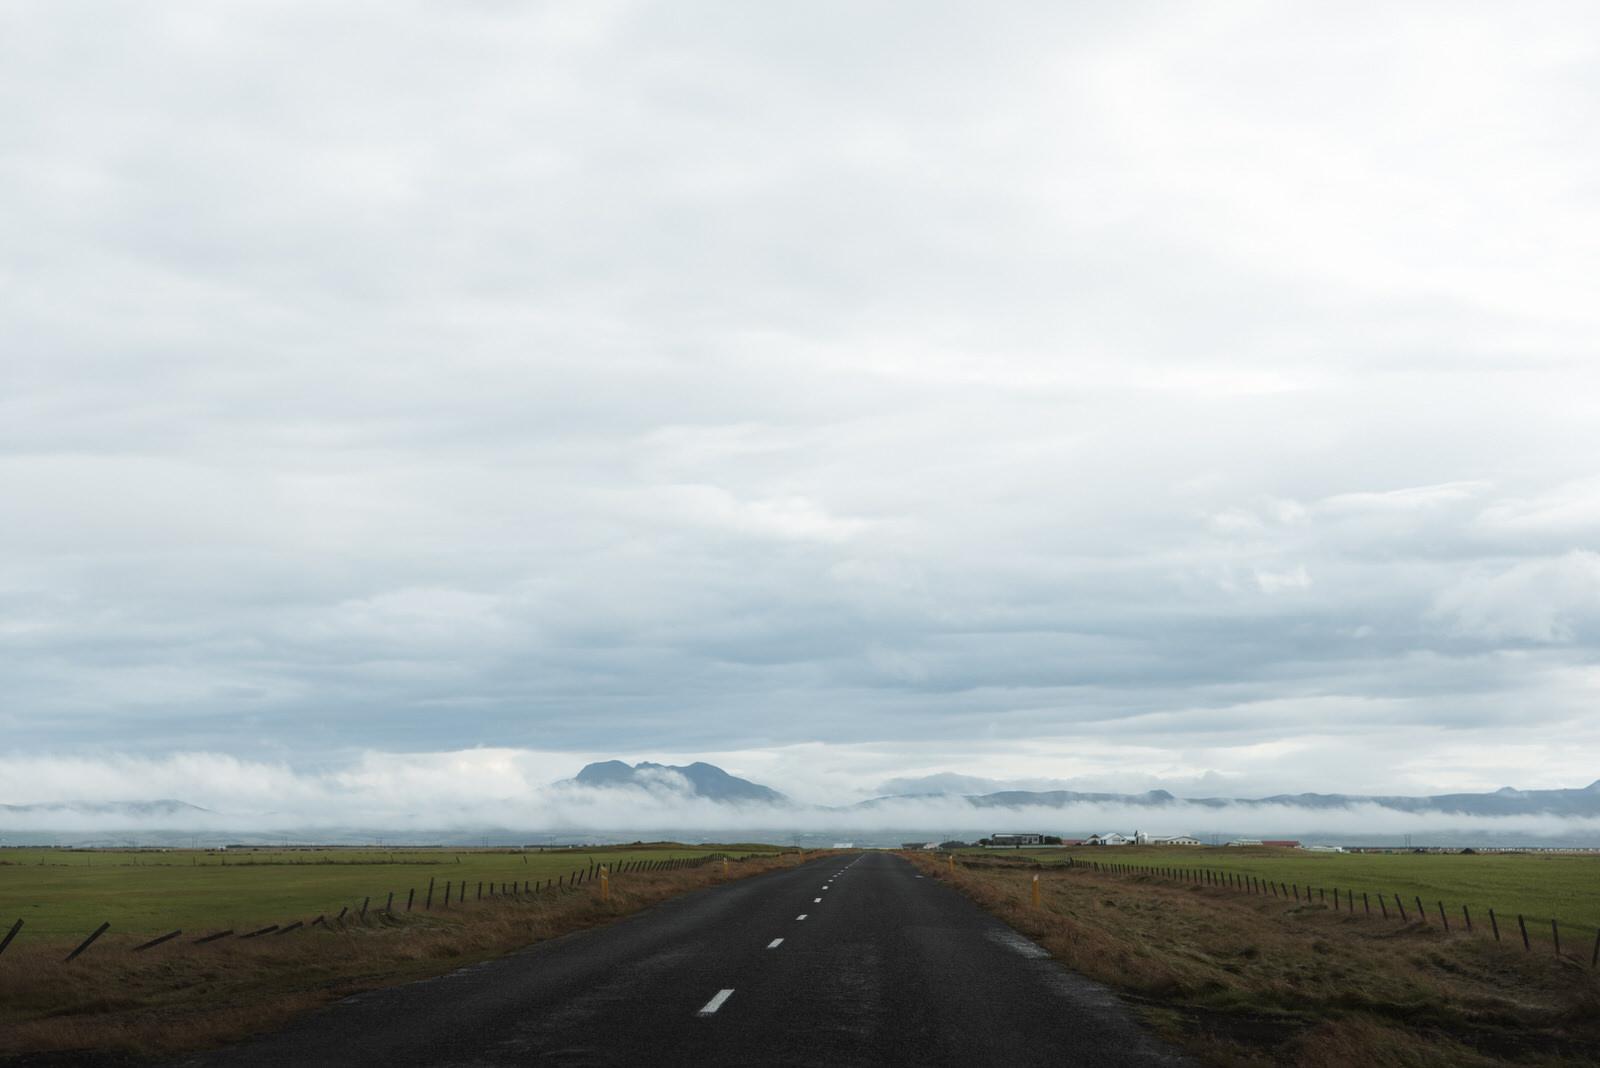 iceland road trip day 1 - skogafoss dyrholaey